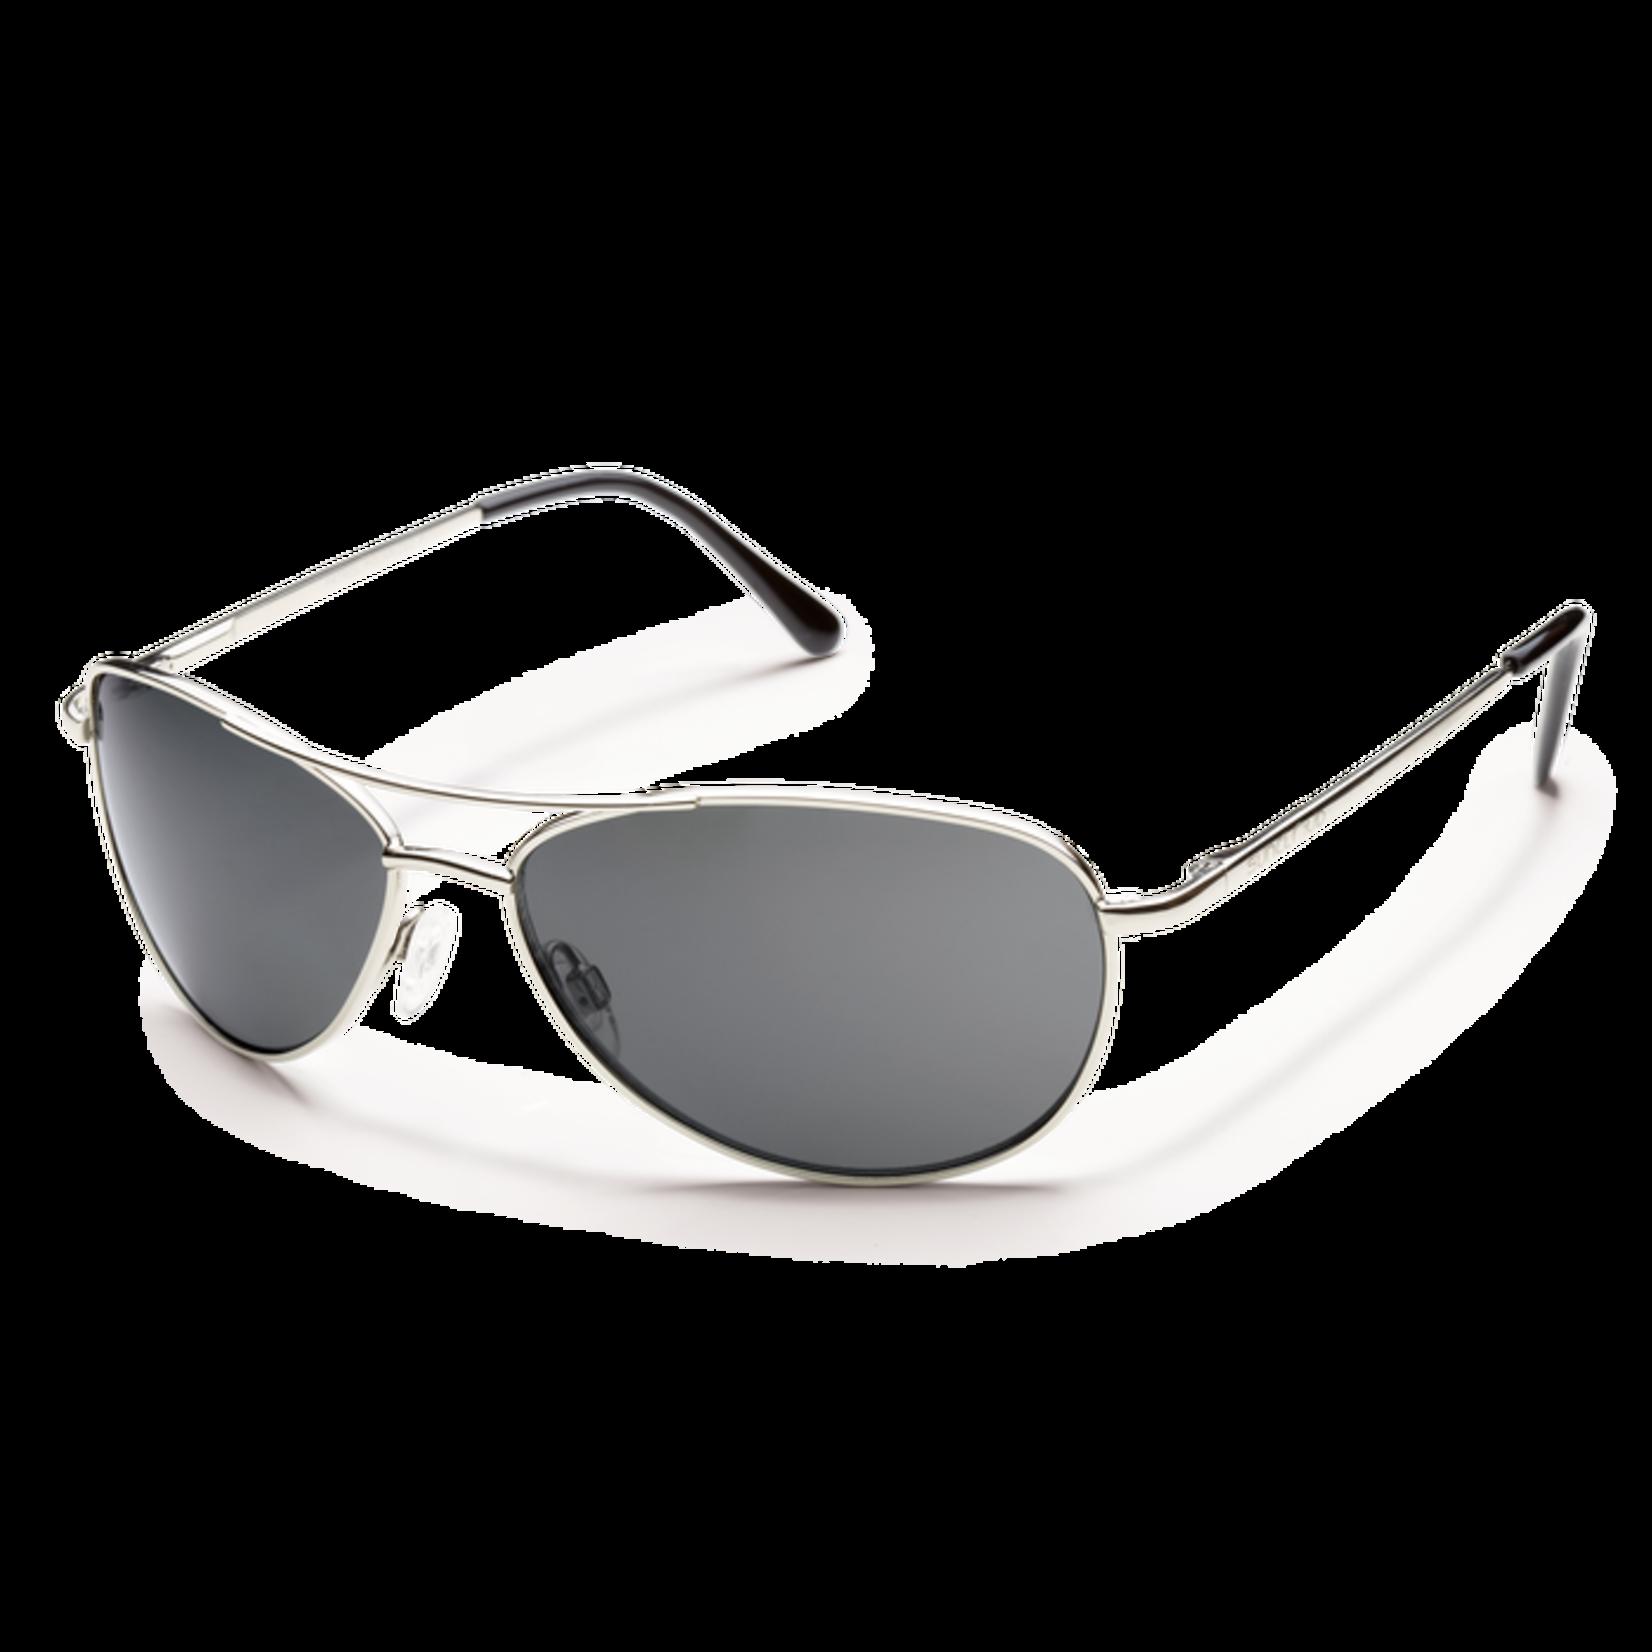 Suncloud Optics Suncloud Patrol Polarized Sunglasses